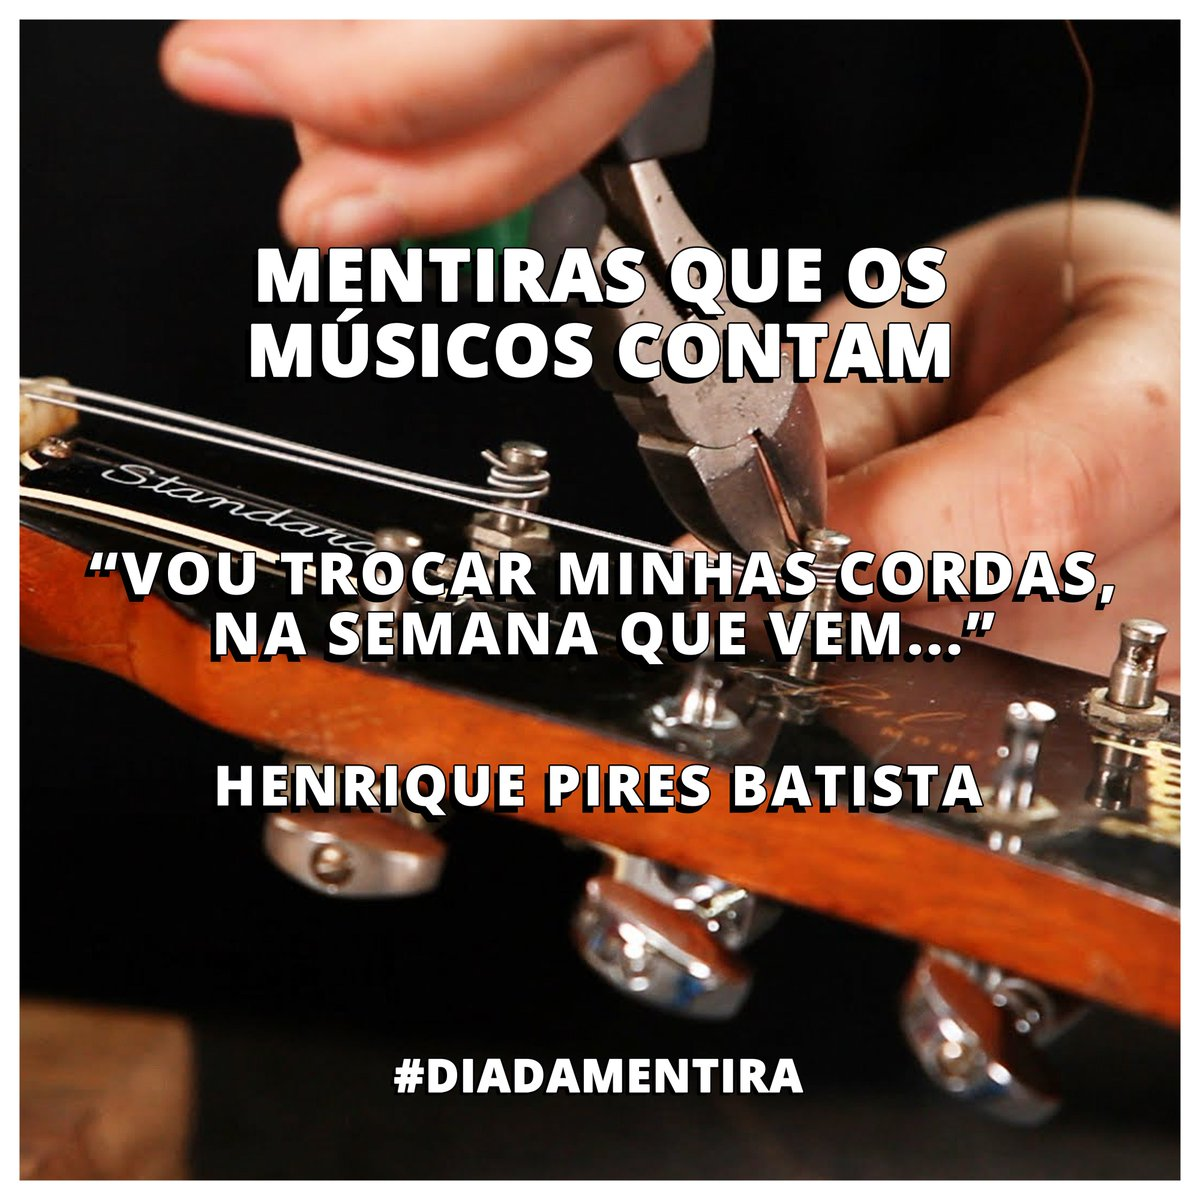 Quem já não disse essa! Henrique Pires Batista #diadamentira https://t.co/qQ7Wv1Bymr